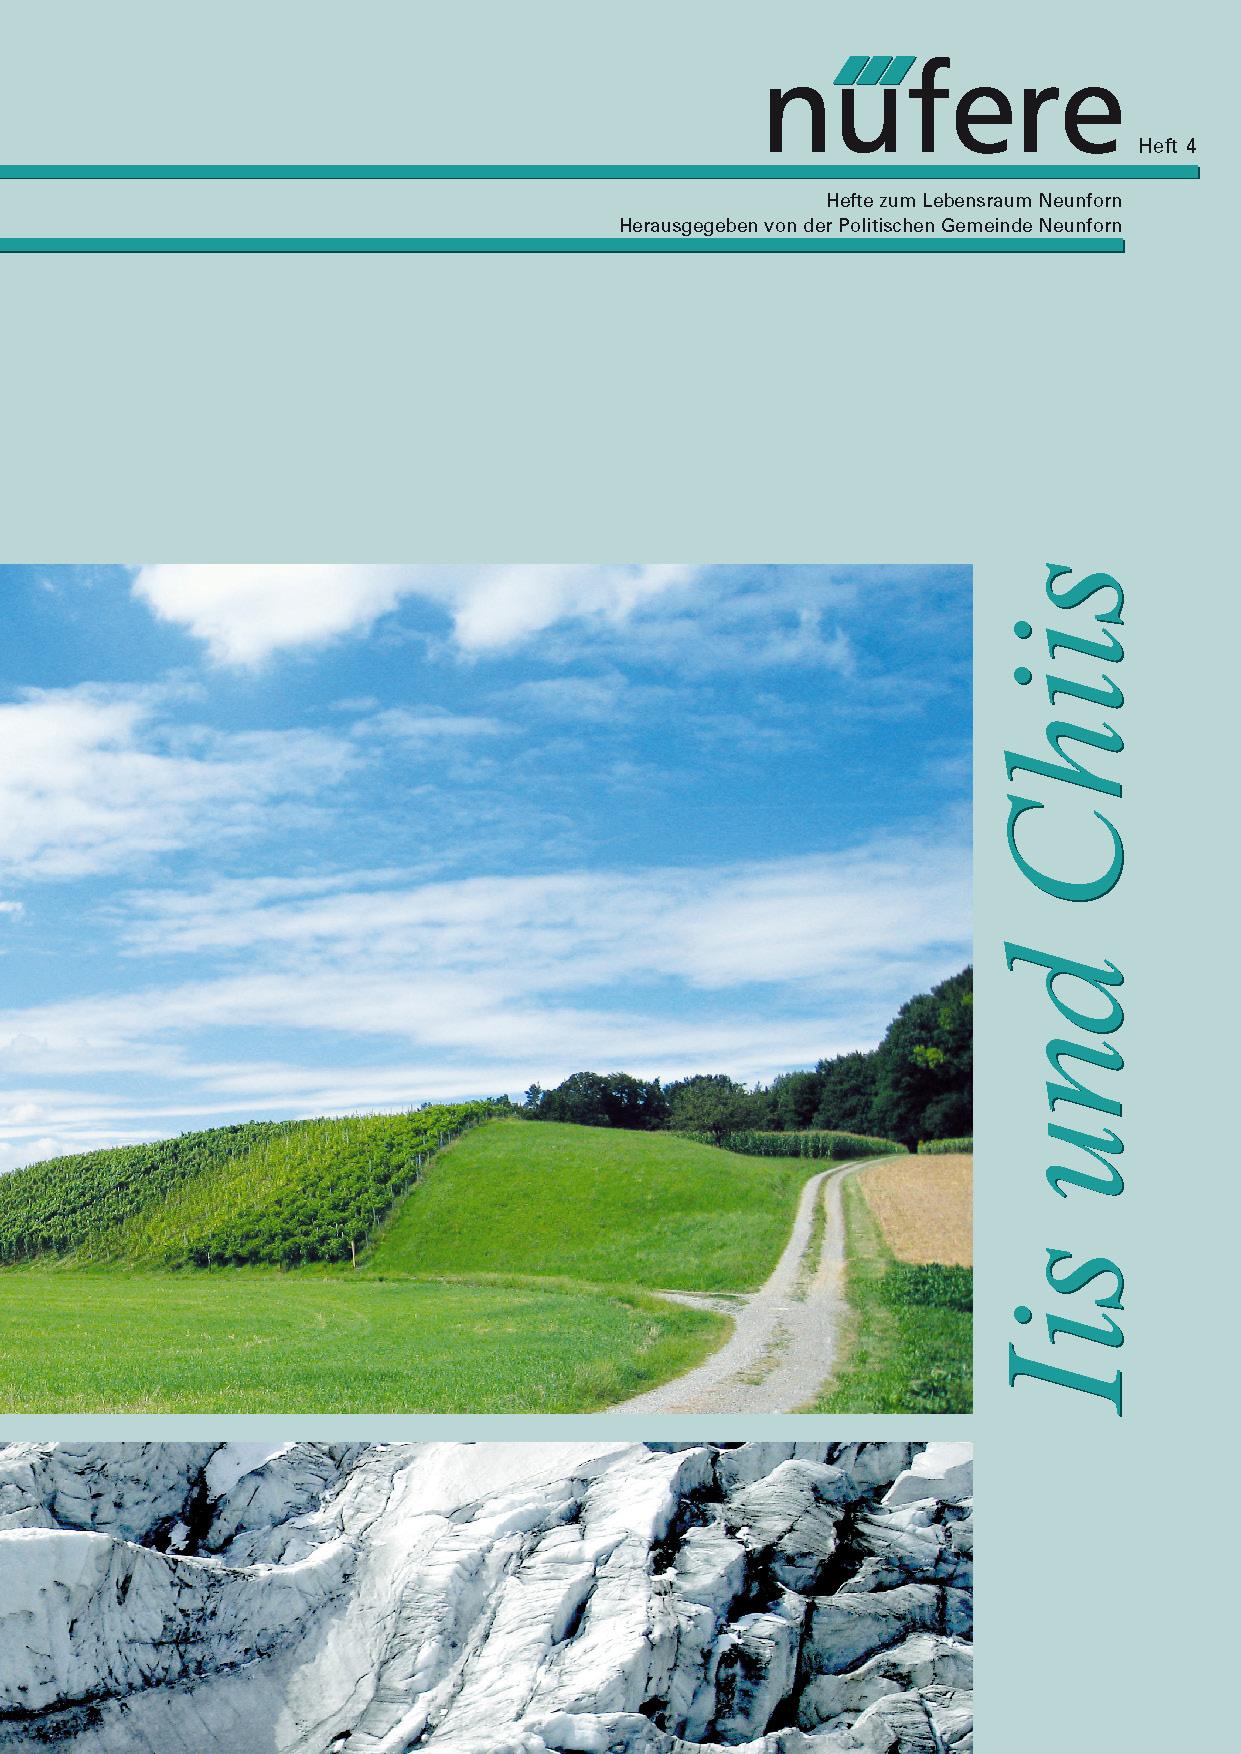 Heft Nr. 4 - Lis und Chis